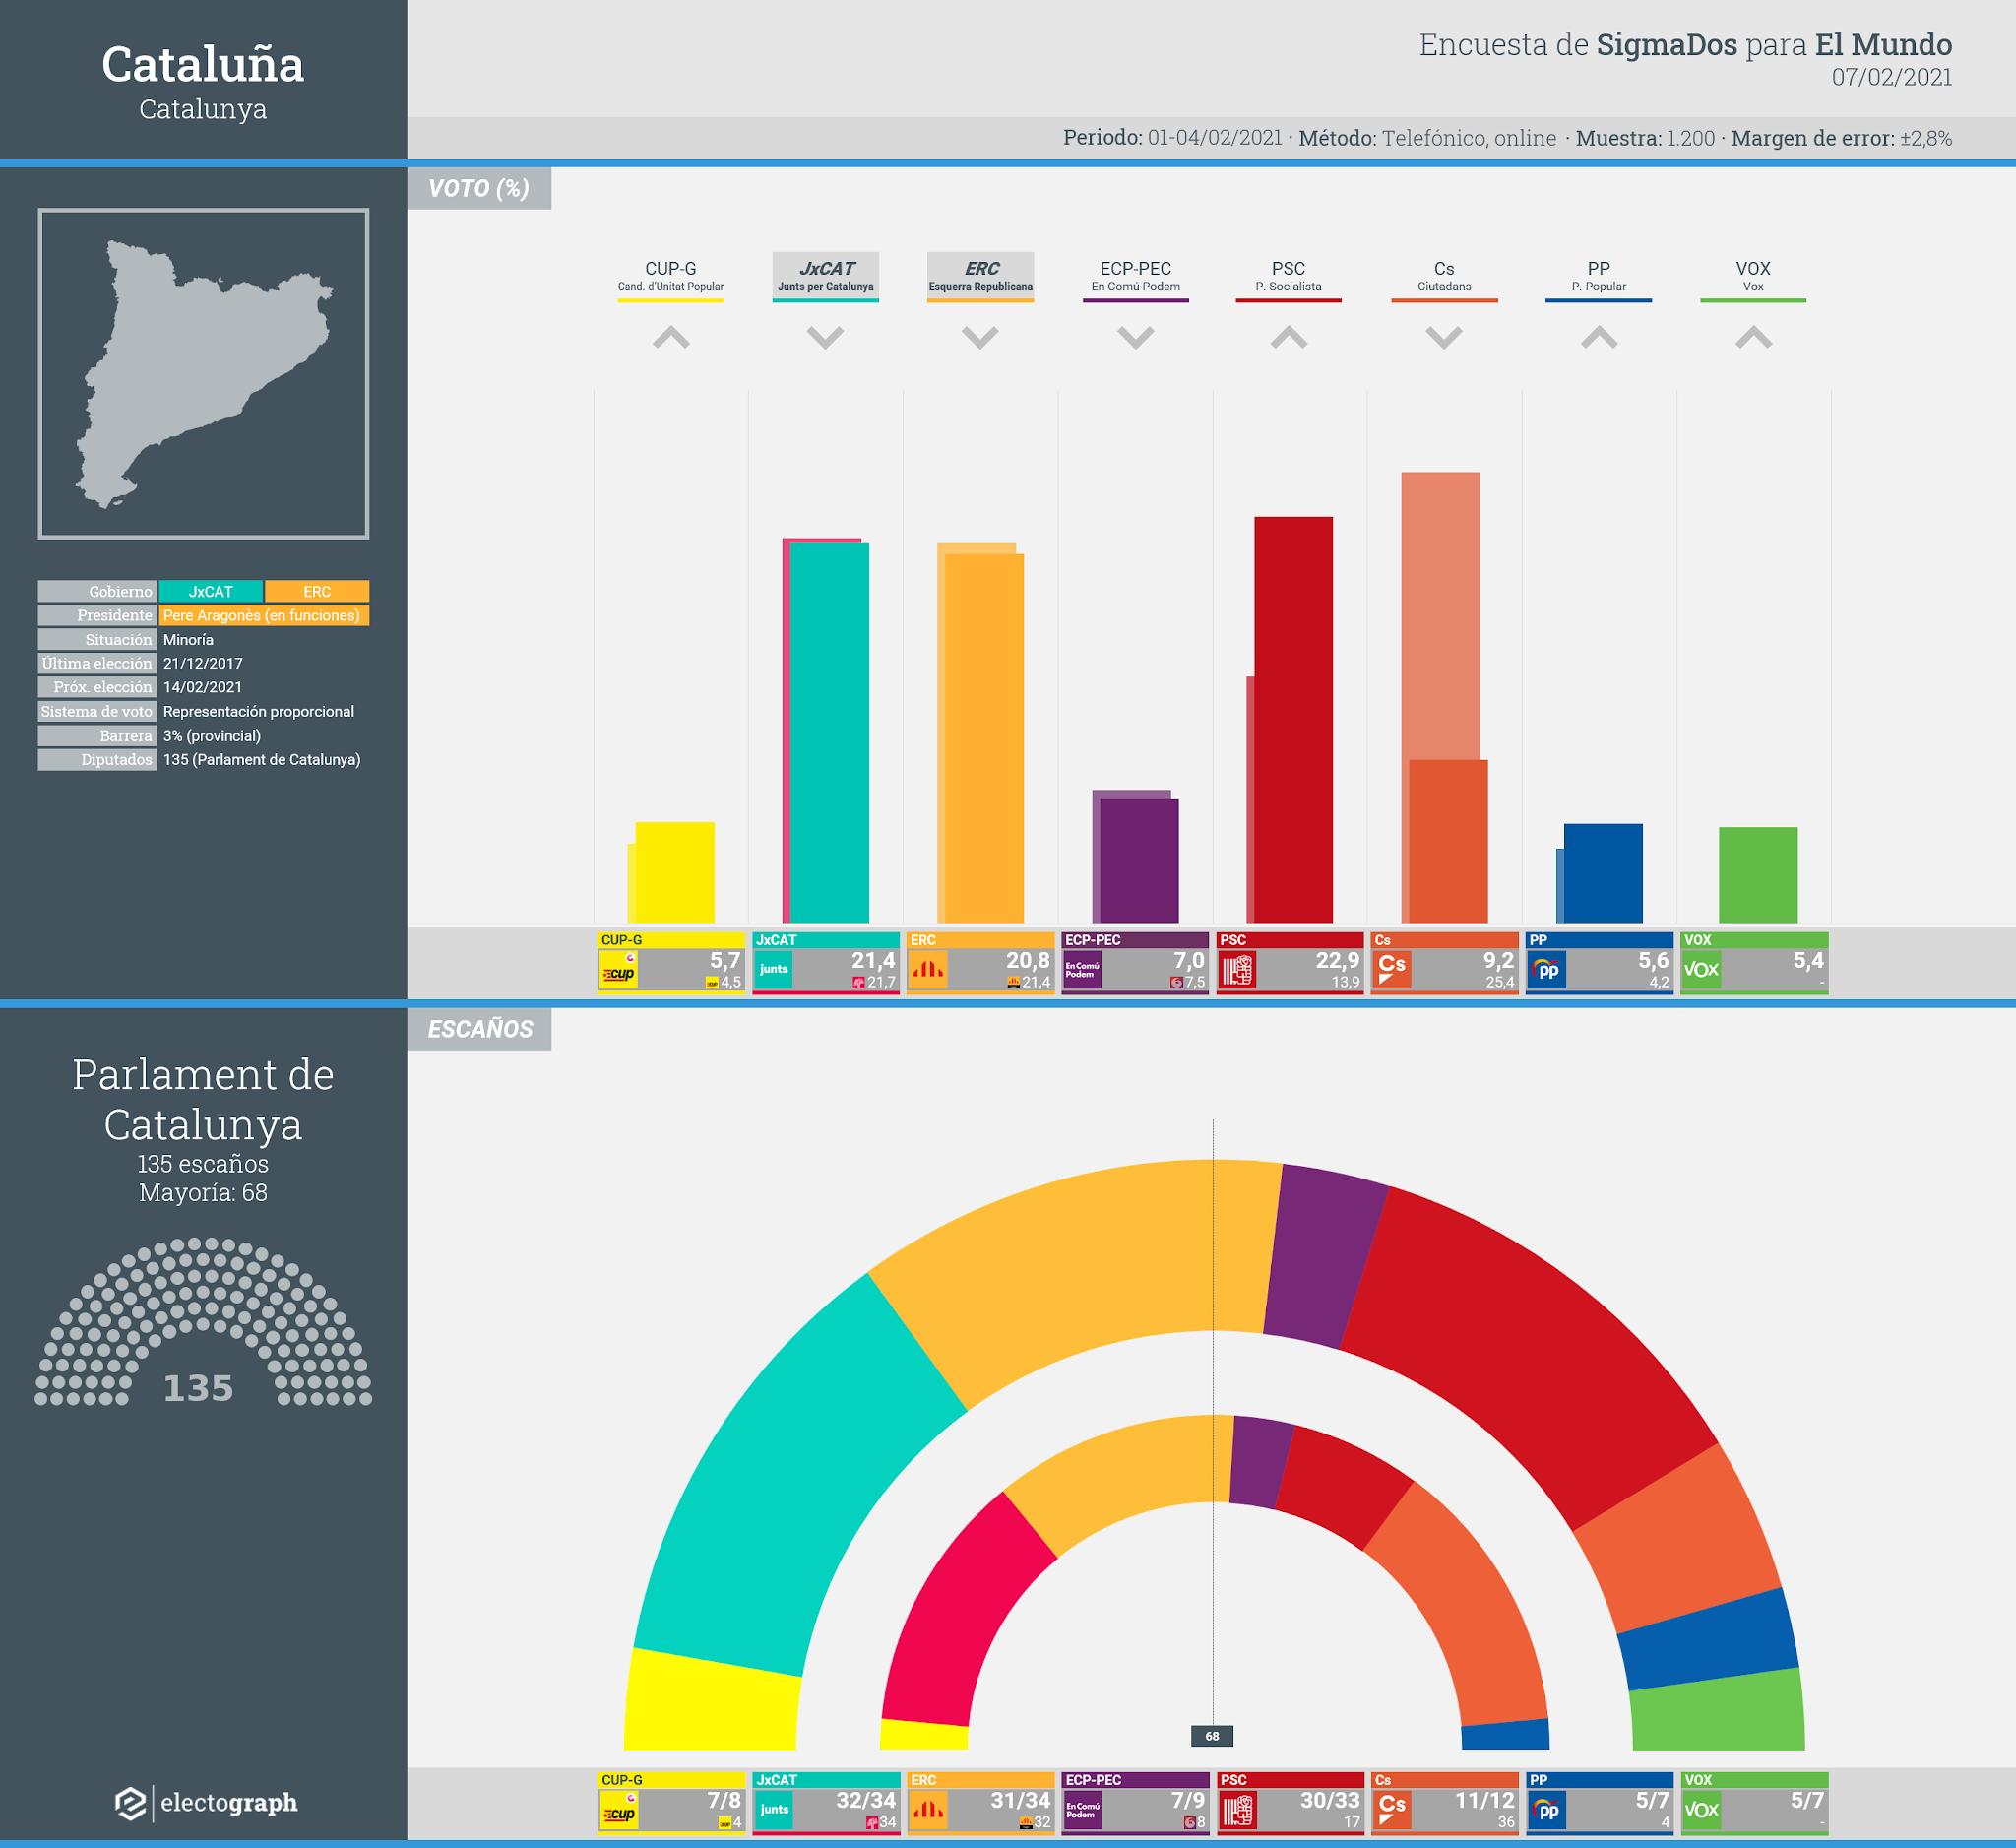 Gráfico de la encuesta para elecciones generales en Cataluña realizada por SigmaDos para El Mundo, 7 de febrero de 2021